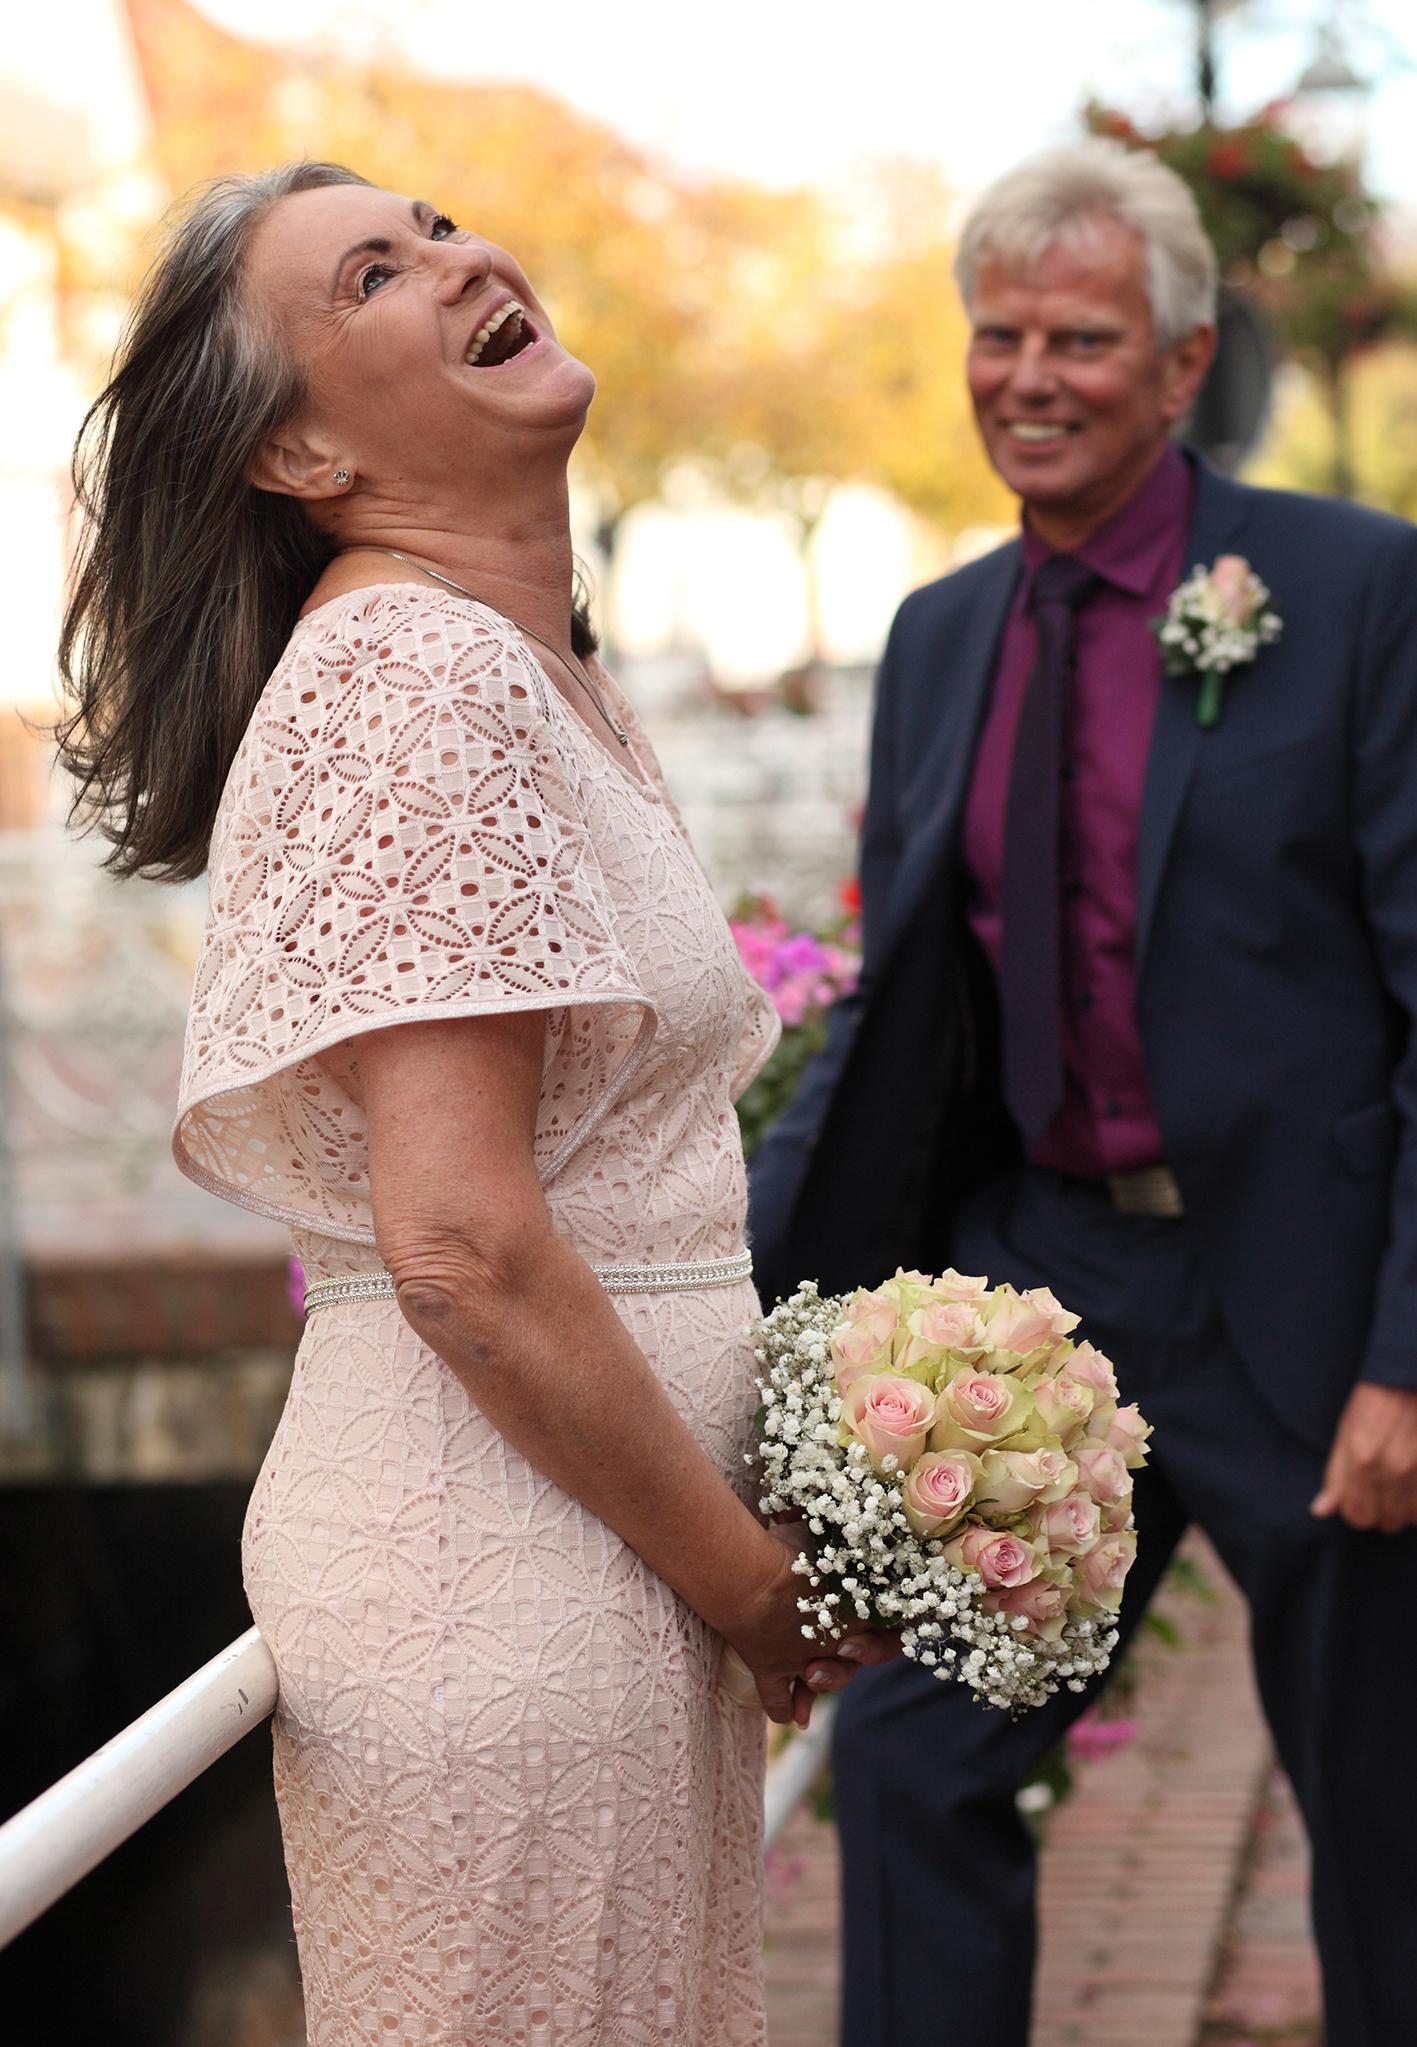 Ein Hochzeitsshooting, um einzigartige Augenblicke festzuhalten